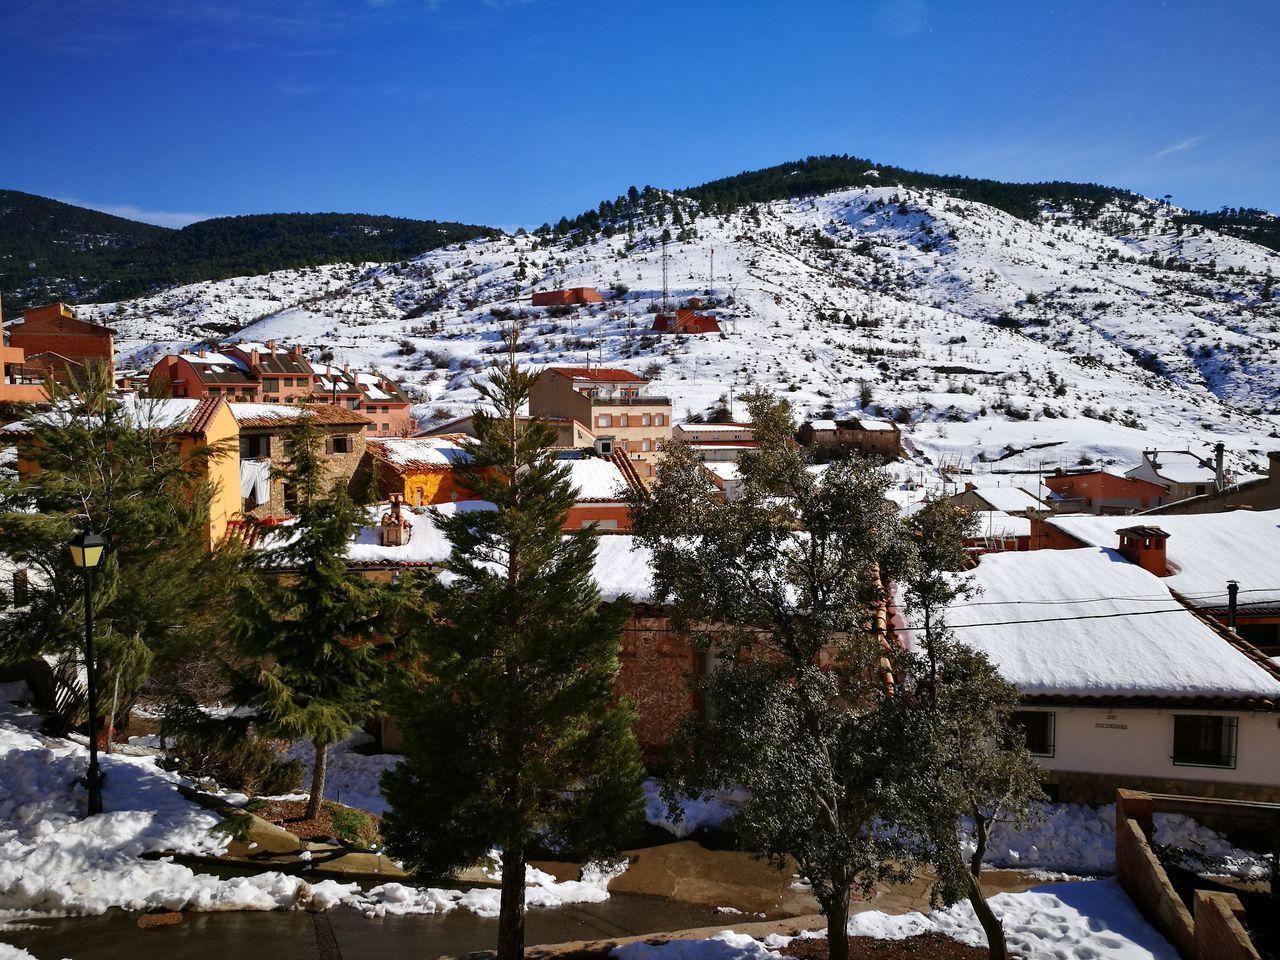 Camarena de la Sierra, Teruel Tree Outdoors No People Skiing ❄ Snow Covered Snow Snowday Pueblos De España Pueblo Con Encanto Pueblo Con Nieve Vistasbonitas Vistas Con Nieve Nieve Nieve Invierno